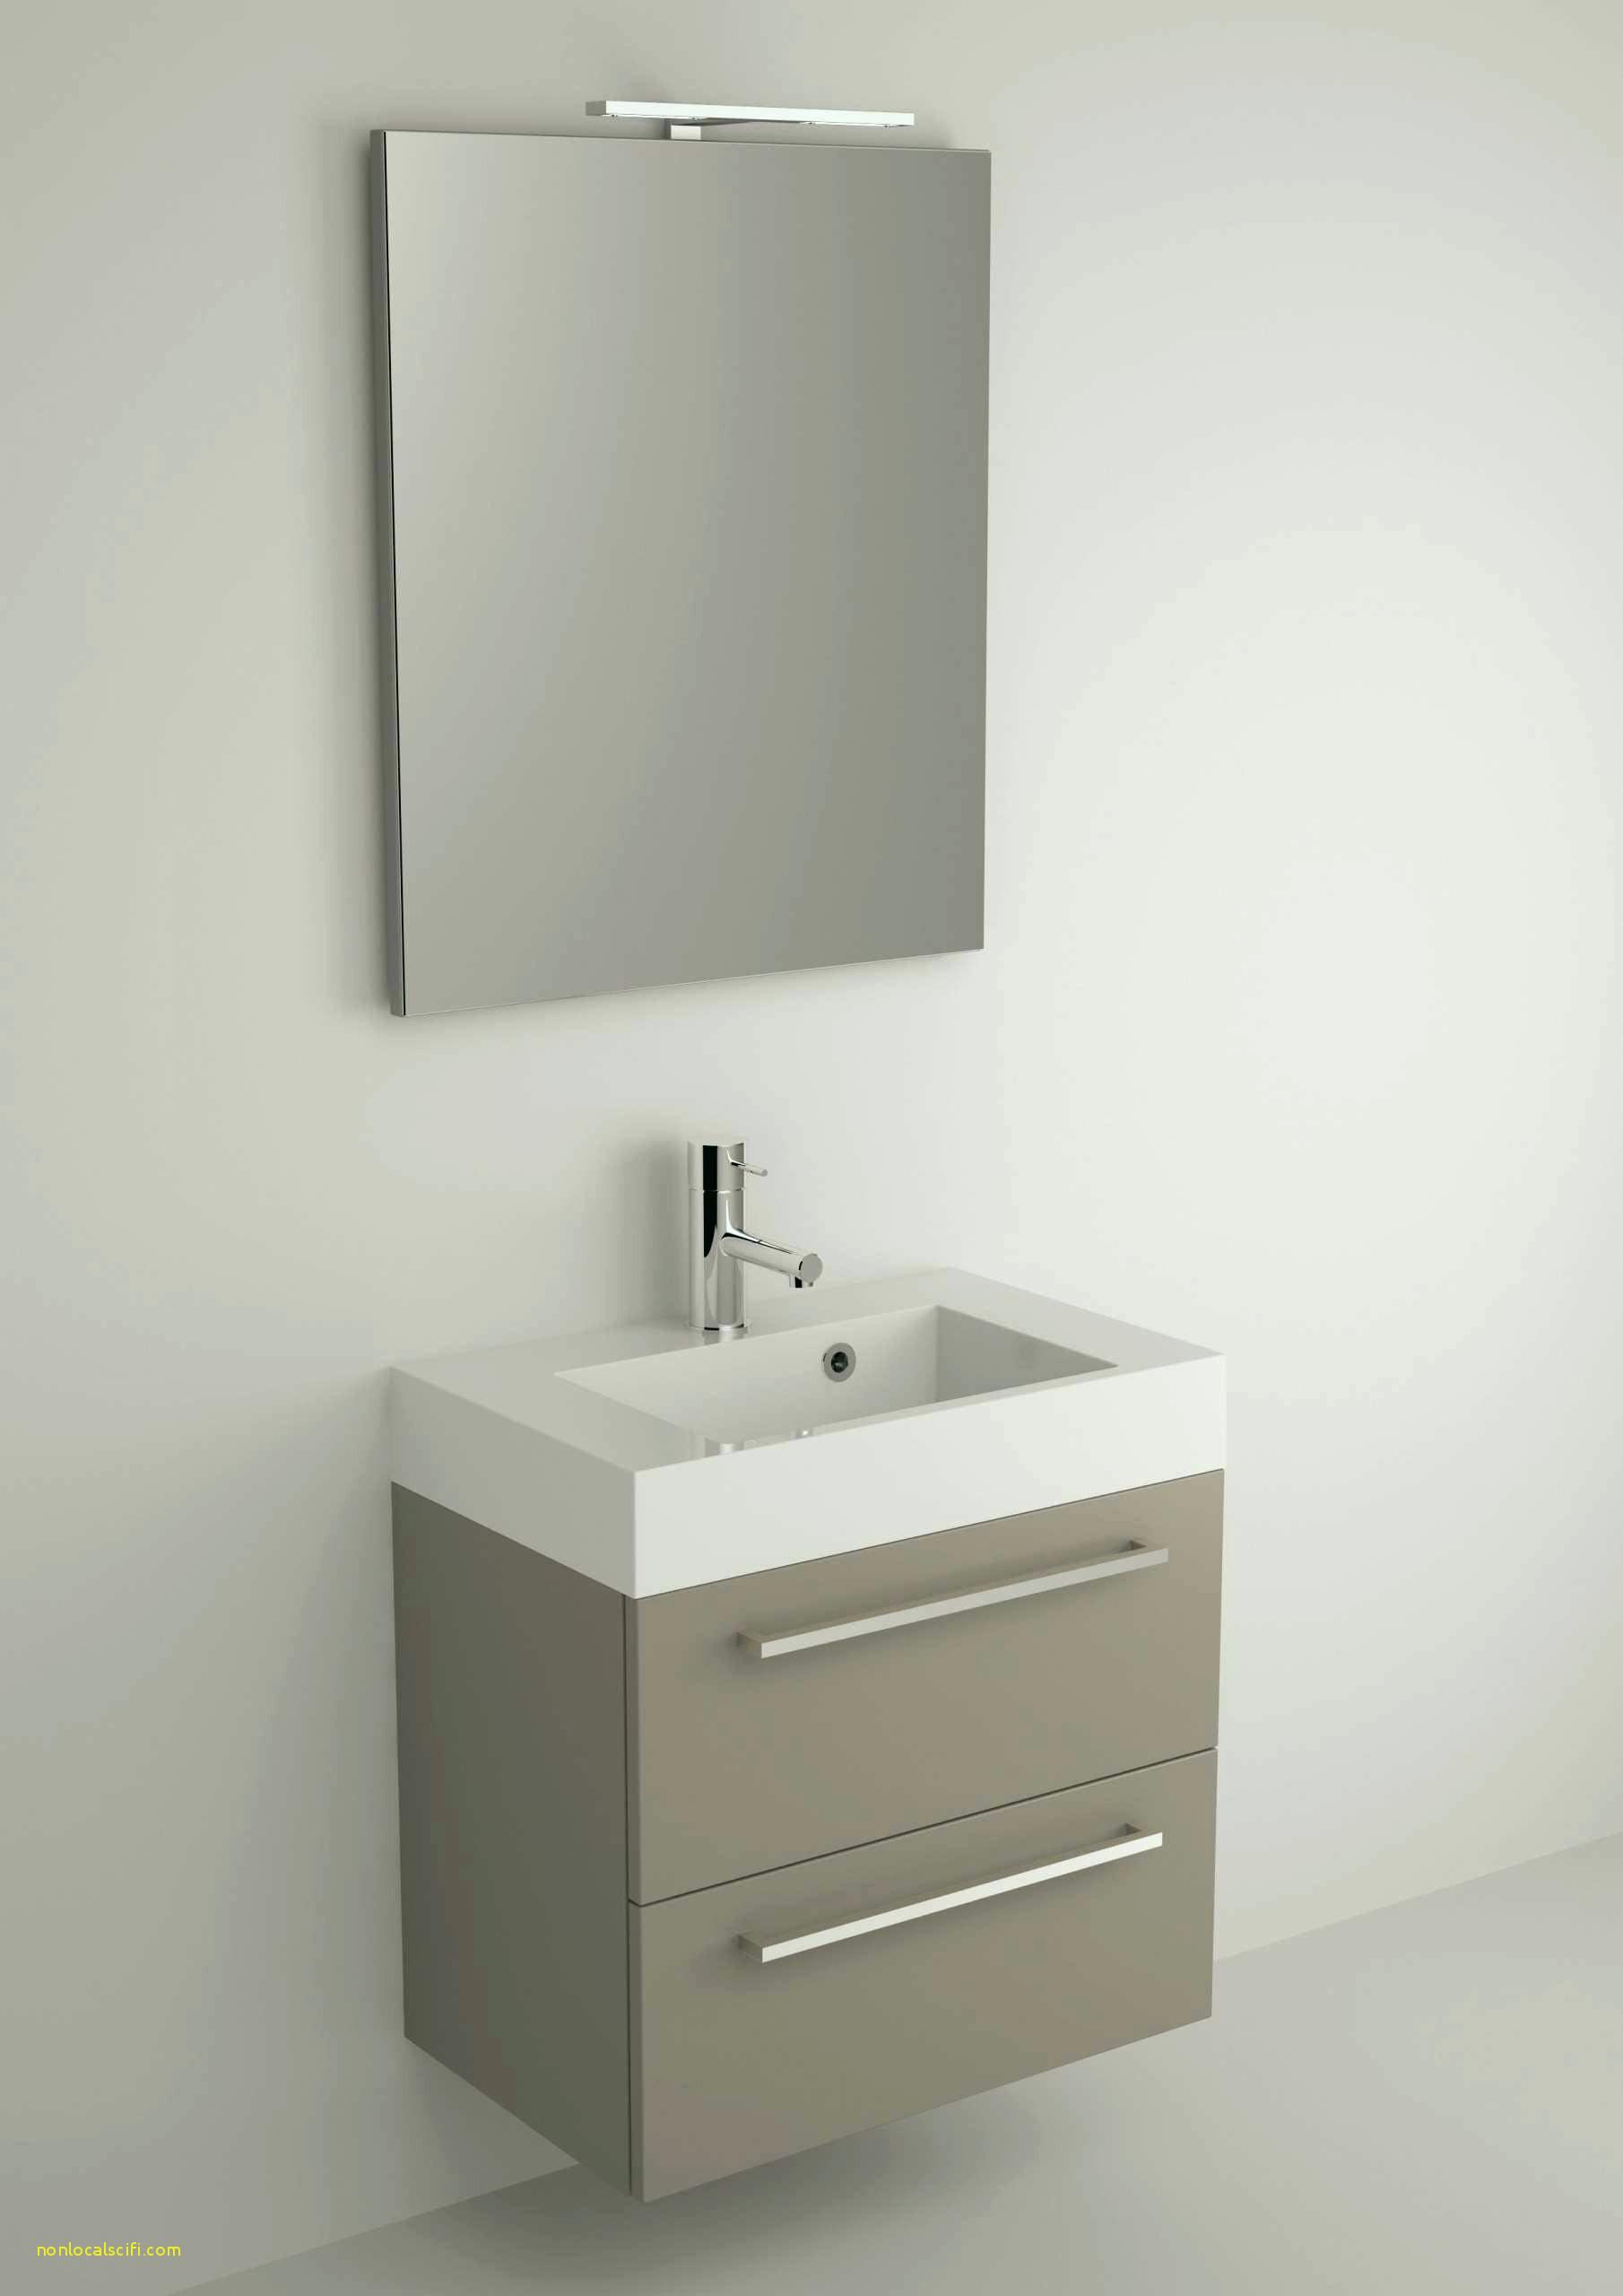 Armoire De toilette Miroir Castorama Impressionnant Galerie Résultat Supérieur 91 Merveilleux Miroir Salle De Bain Armoire Image